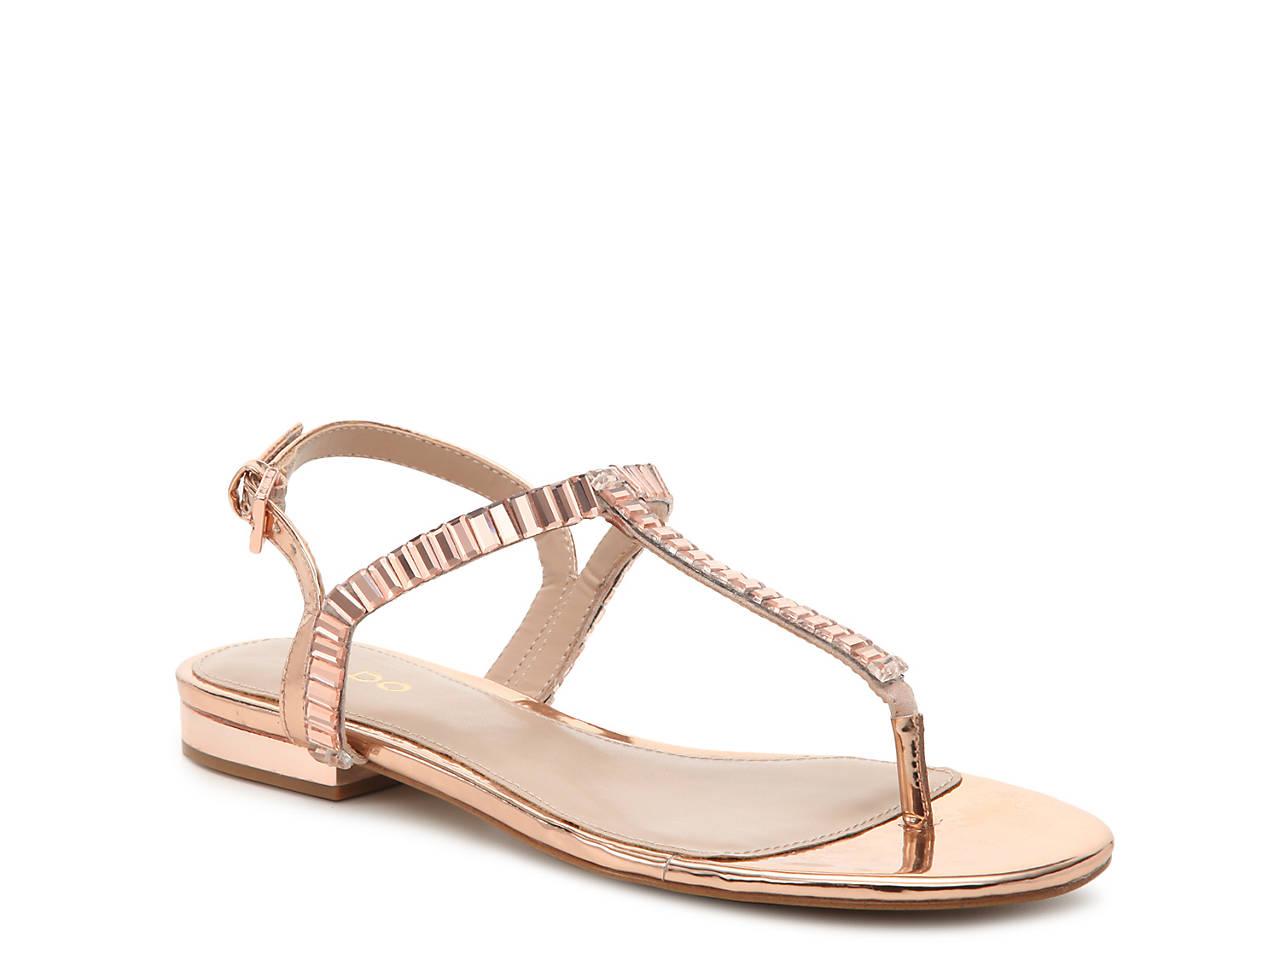 89a1d7c07 Aldo Renadia Flat Sandal Women s Shoes